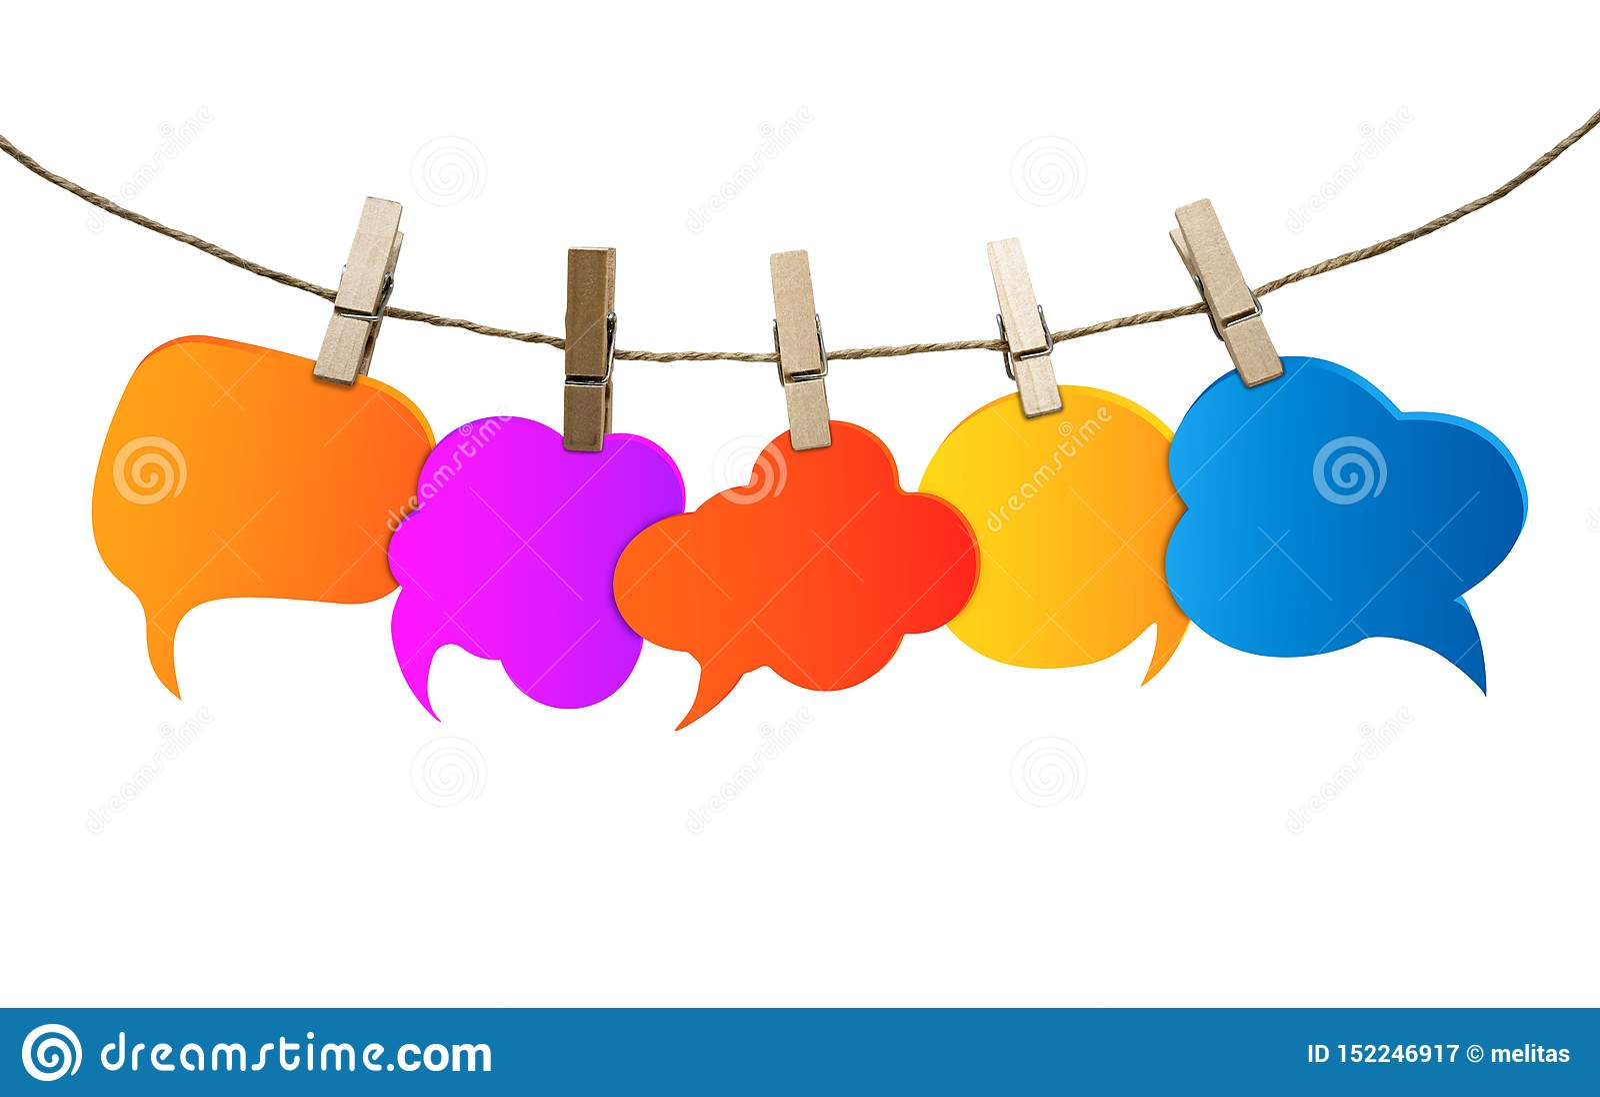 Απομονωμένες χρωματισμένες λεκτικές φυσαλίδες Κοινωνικό δίκτυο Κουτσομπολιό Ομιλία και επικοινωνία φλυαρίας Πληροφορίες Ομάδα κεν